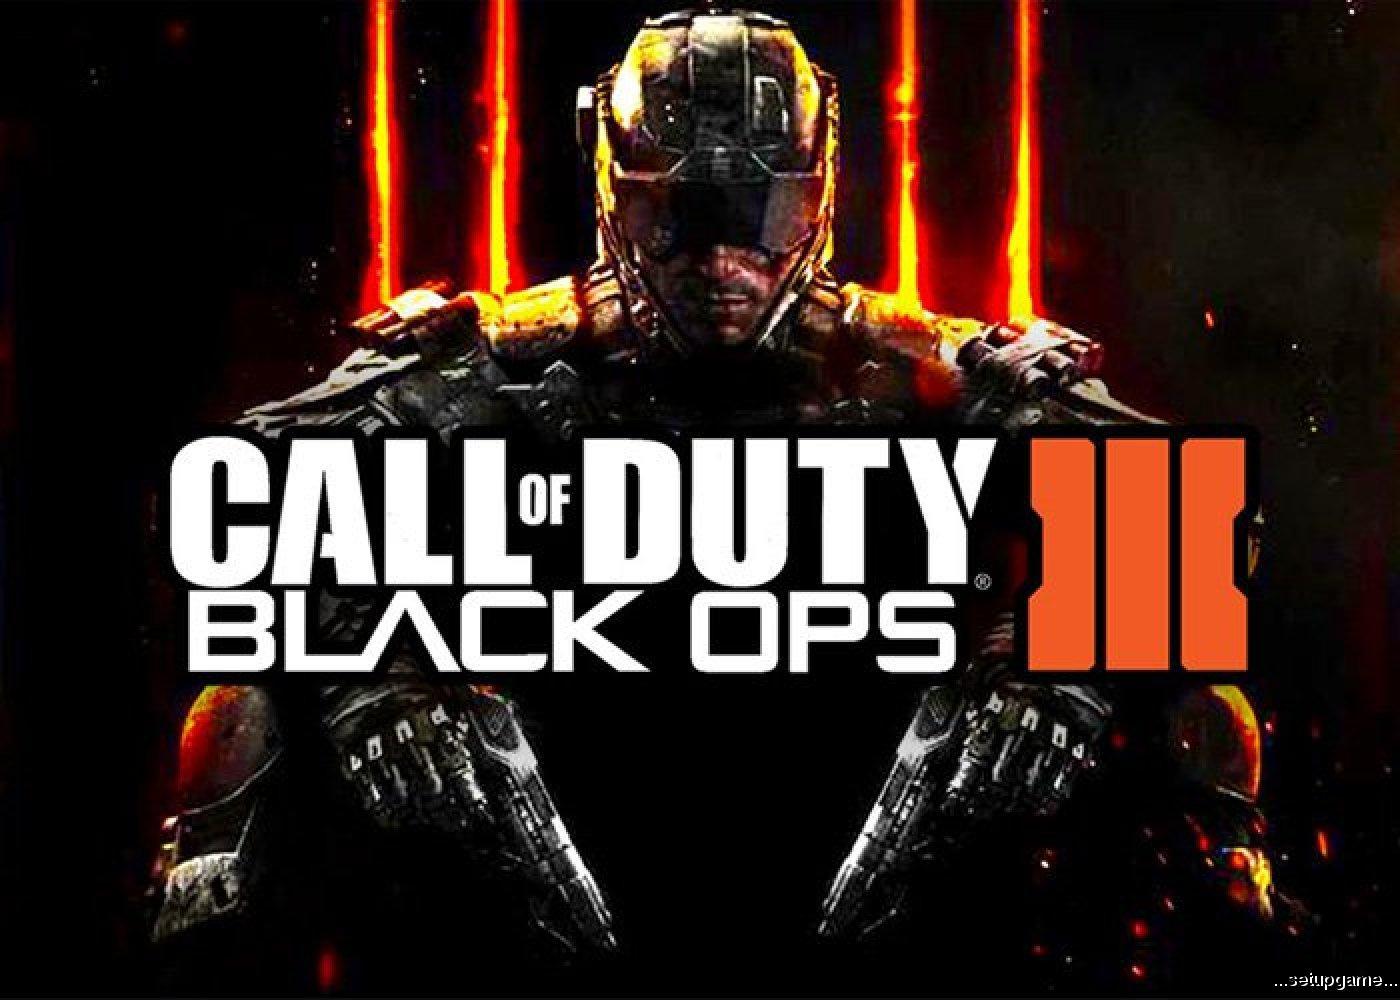 نسخه جدید بازی Call of Duty در راه است...